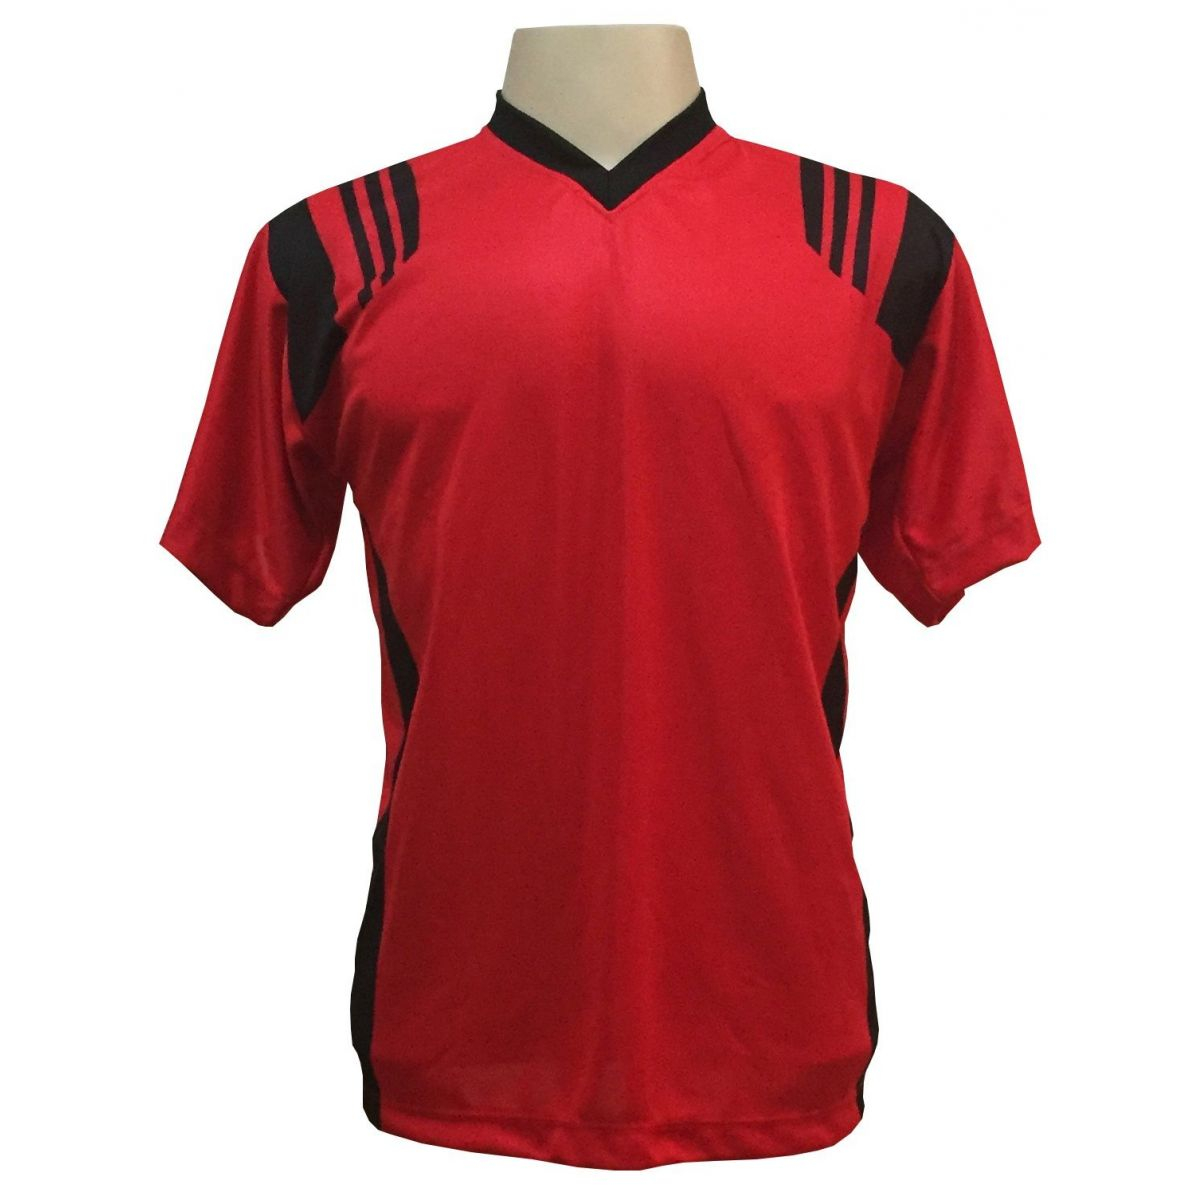 Uniforme Esportivo com 12 camisas modelo Roma Vermelho/Preto + 12 calções modelo Madrid + 1 Goleiro + Brindes